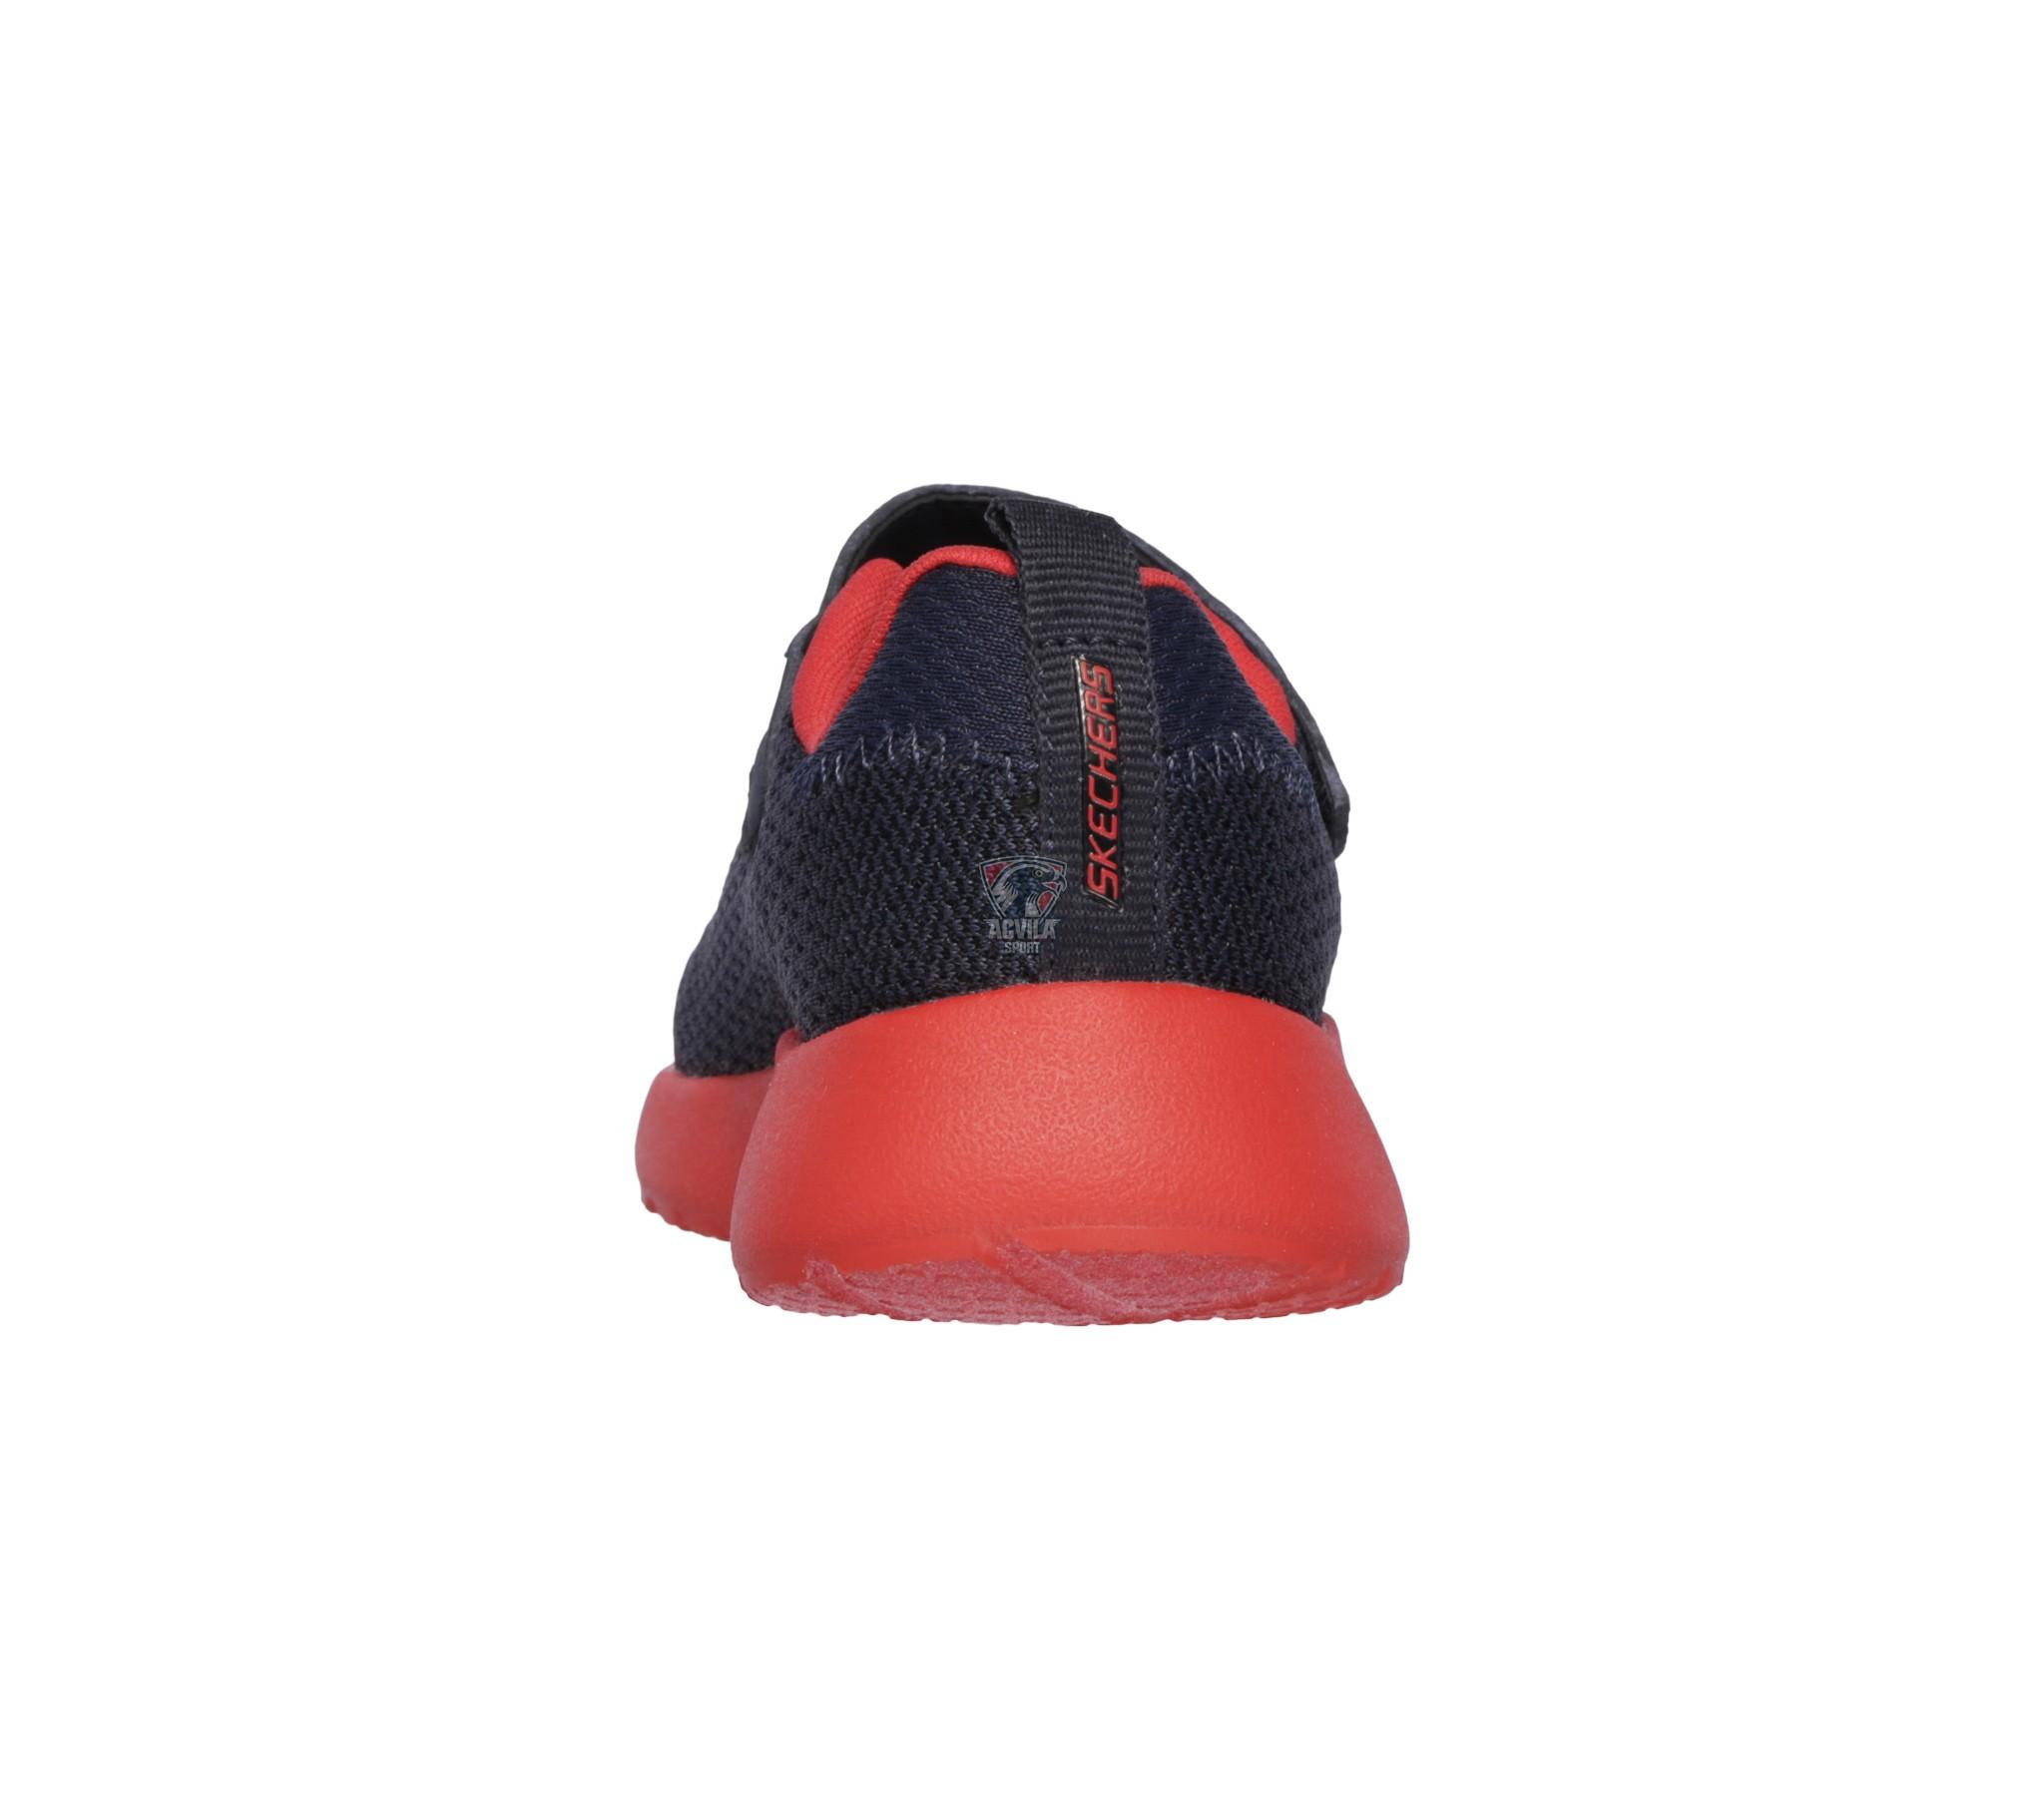 photo 4 Спортивная детская обувь SKECHERS DYNAMIGHT ULTRA TORQUE